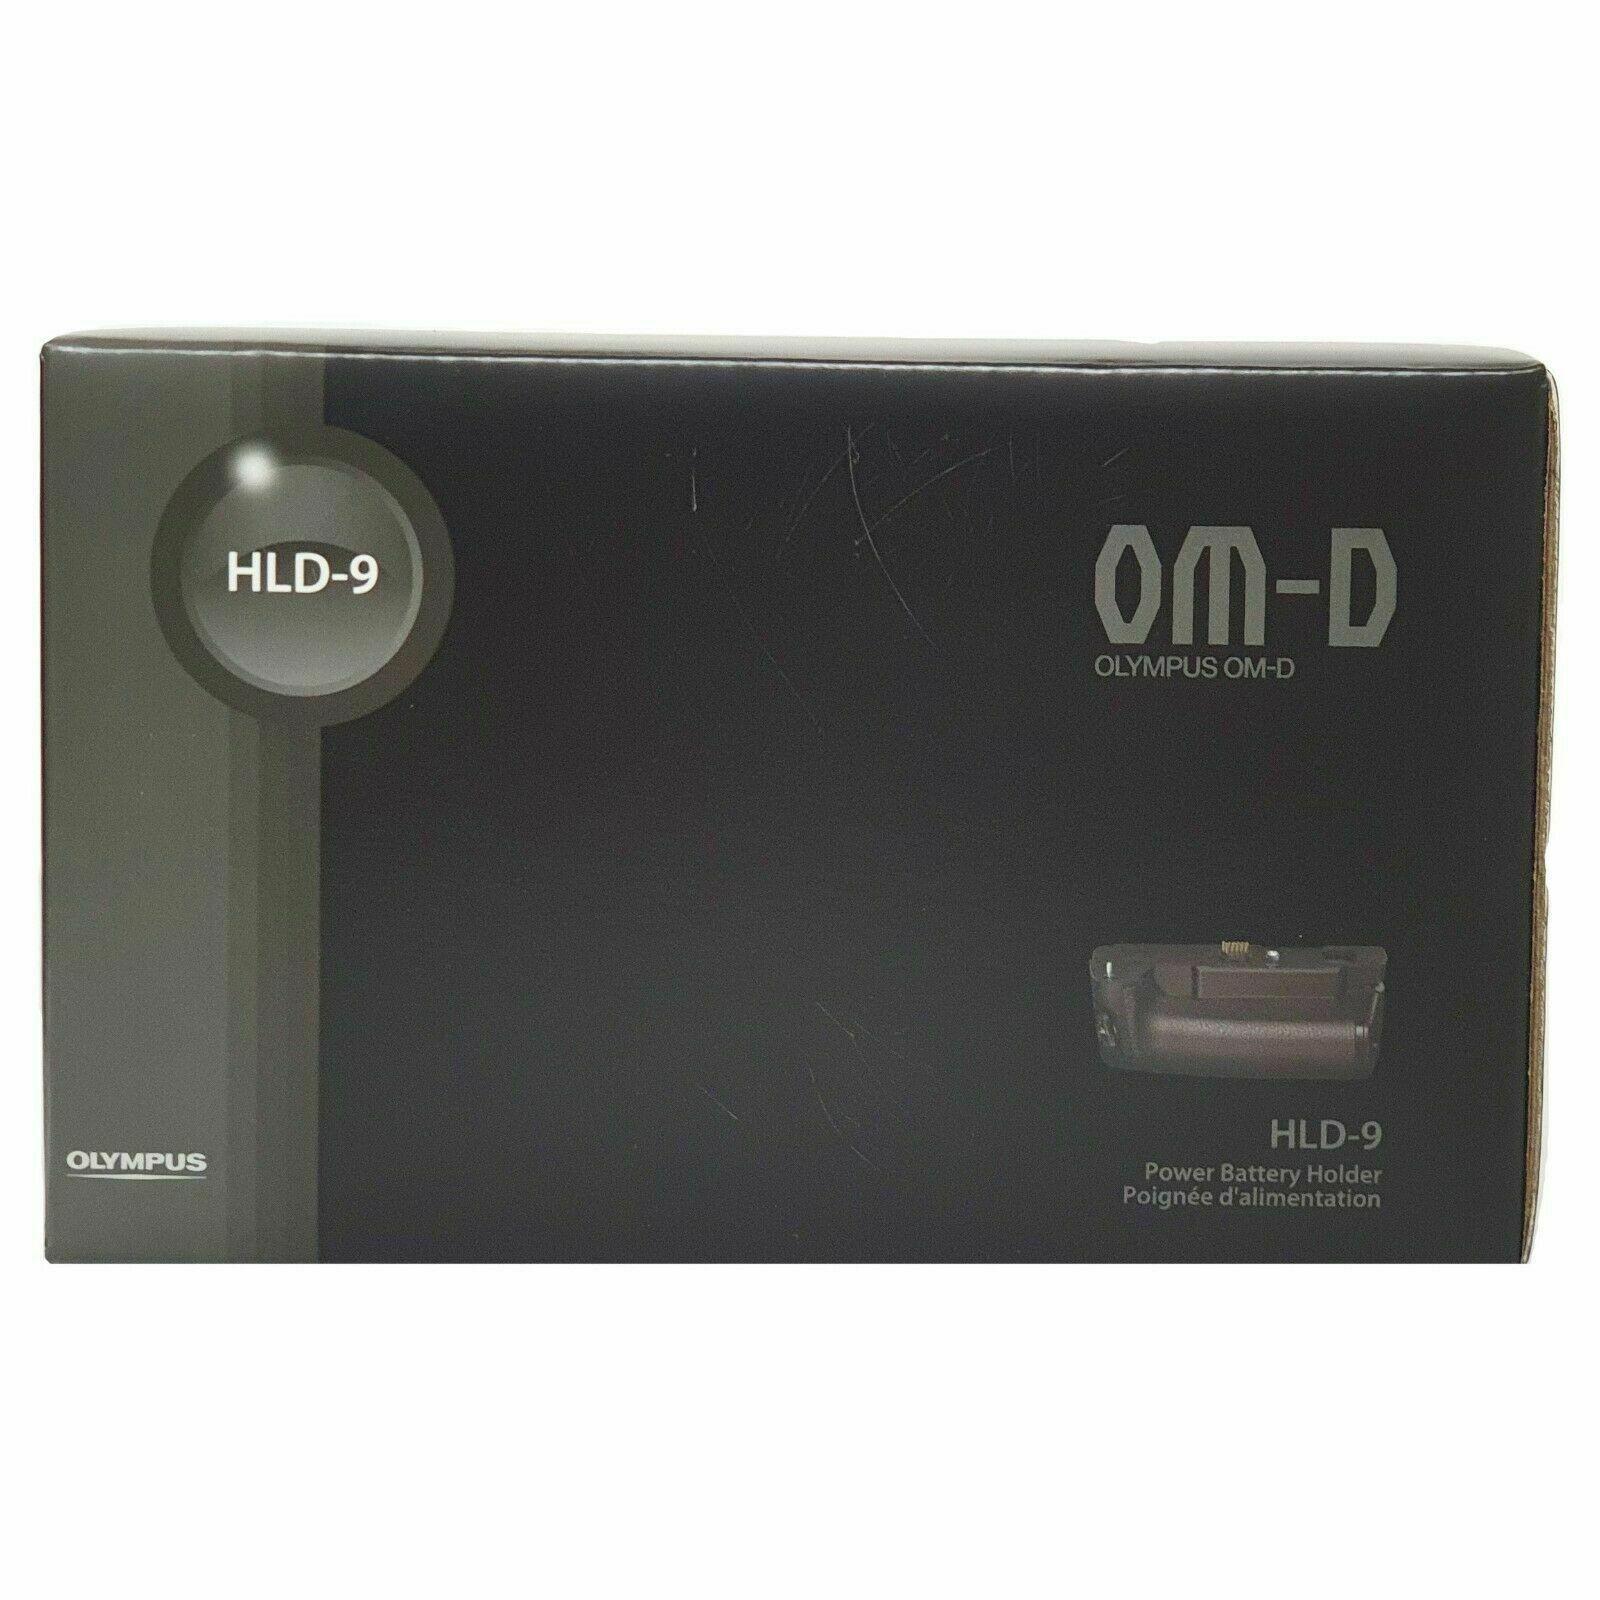 OLYMPUS HLD-9 Power Battery Grip for OM-D E-M1 Mark II